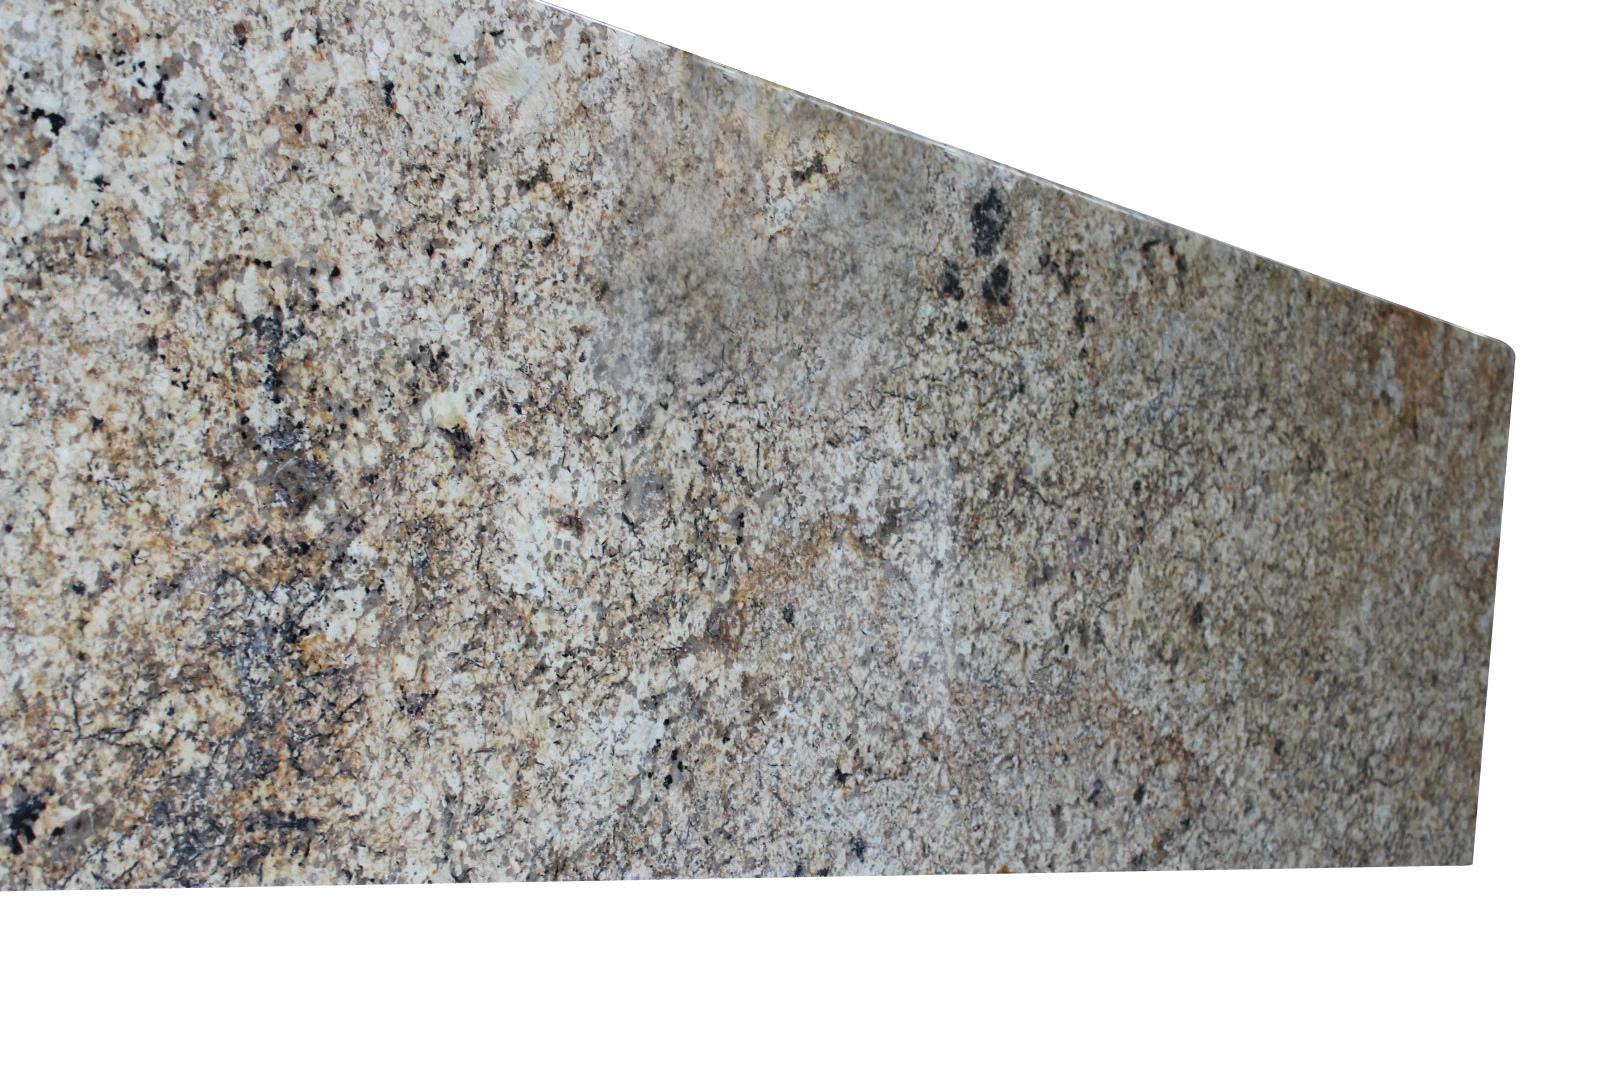 APEX Kitchen Cabinet and Granite Countertop image 15